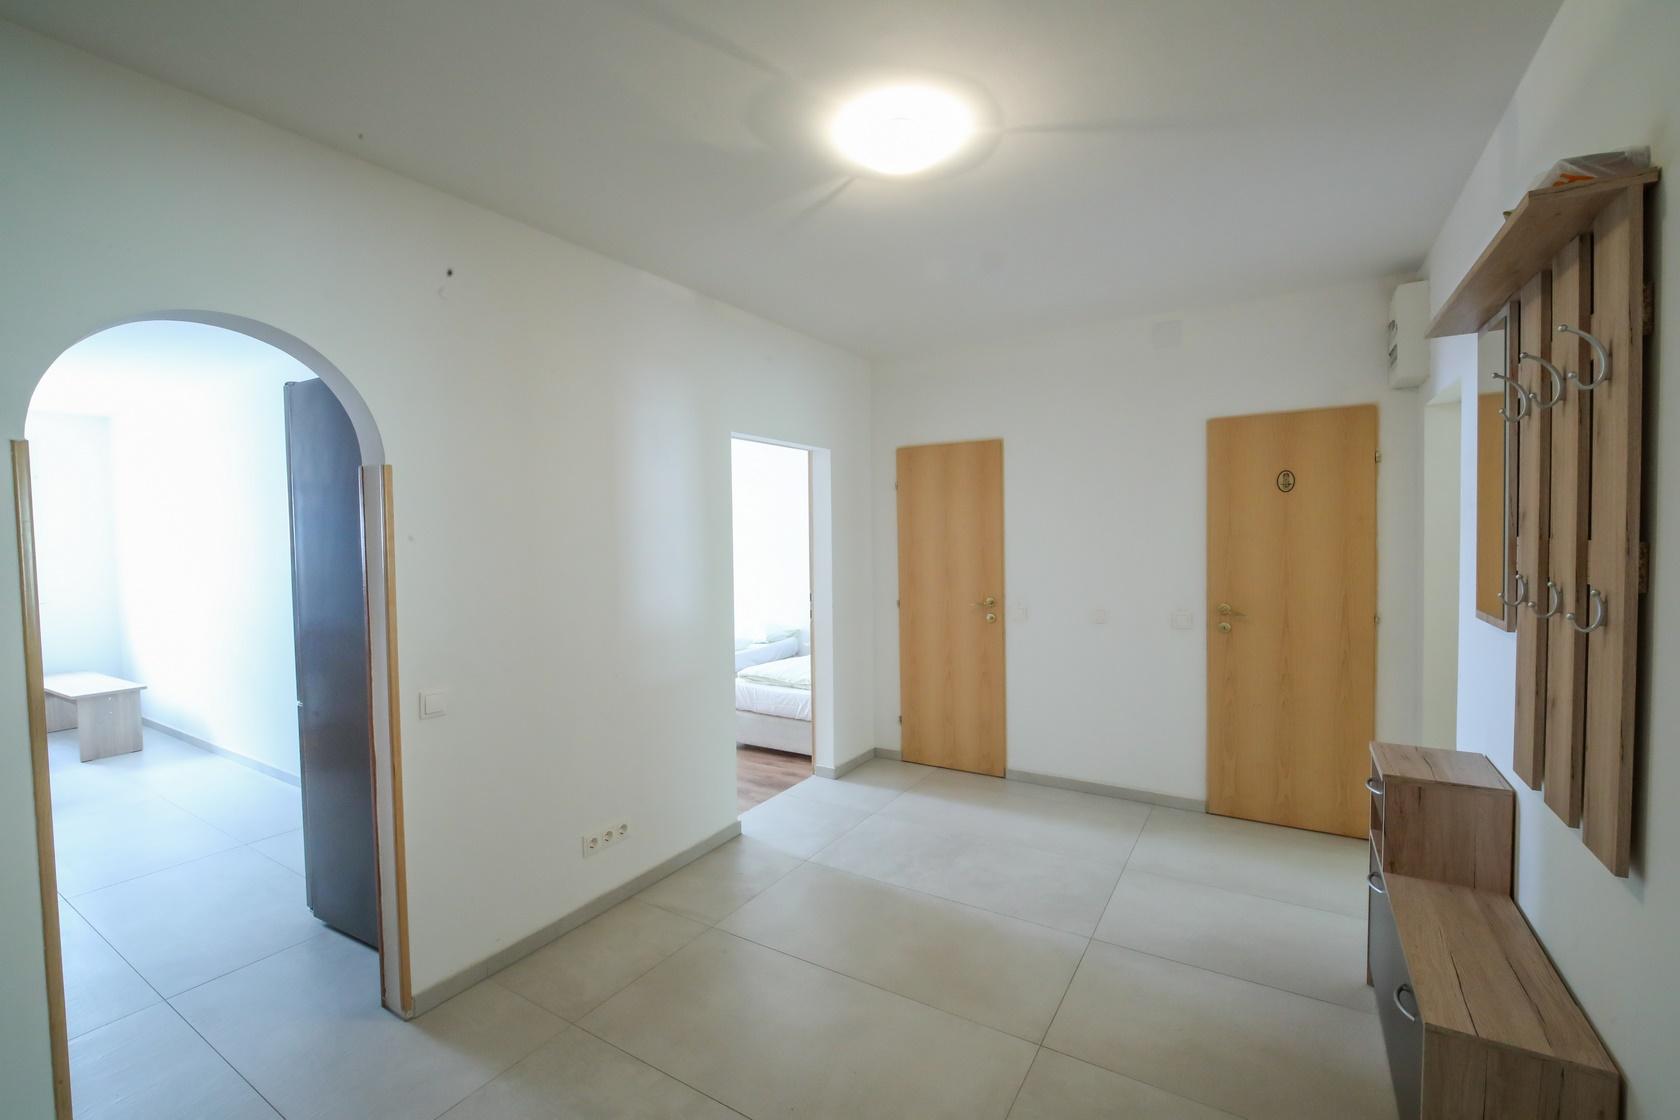 Monteurunterkunft Top M1 in 1120 Meidling Vorzimmer